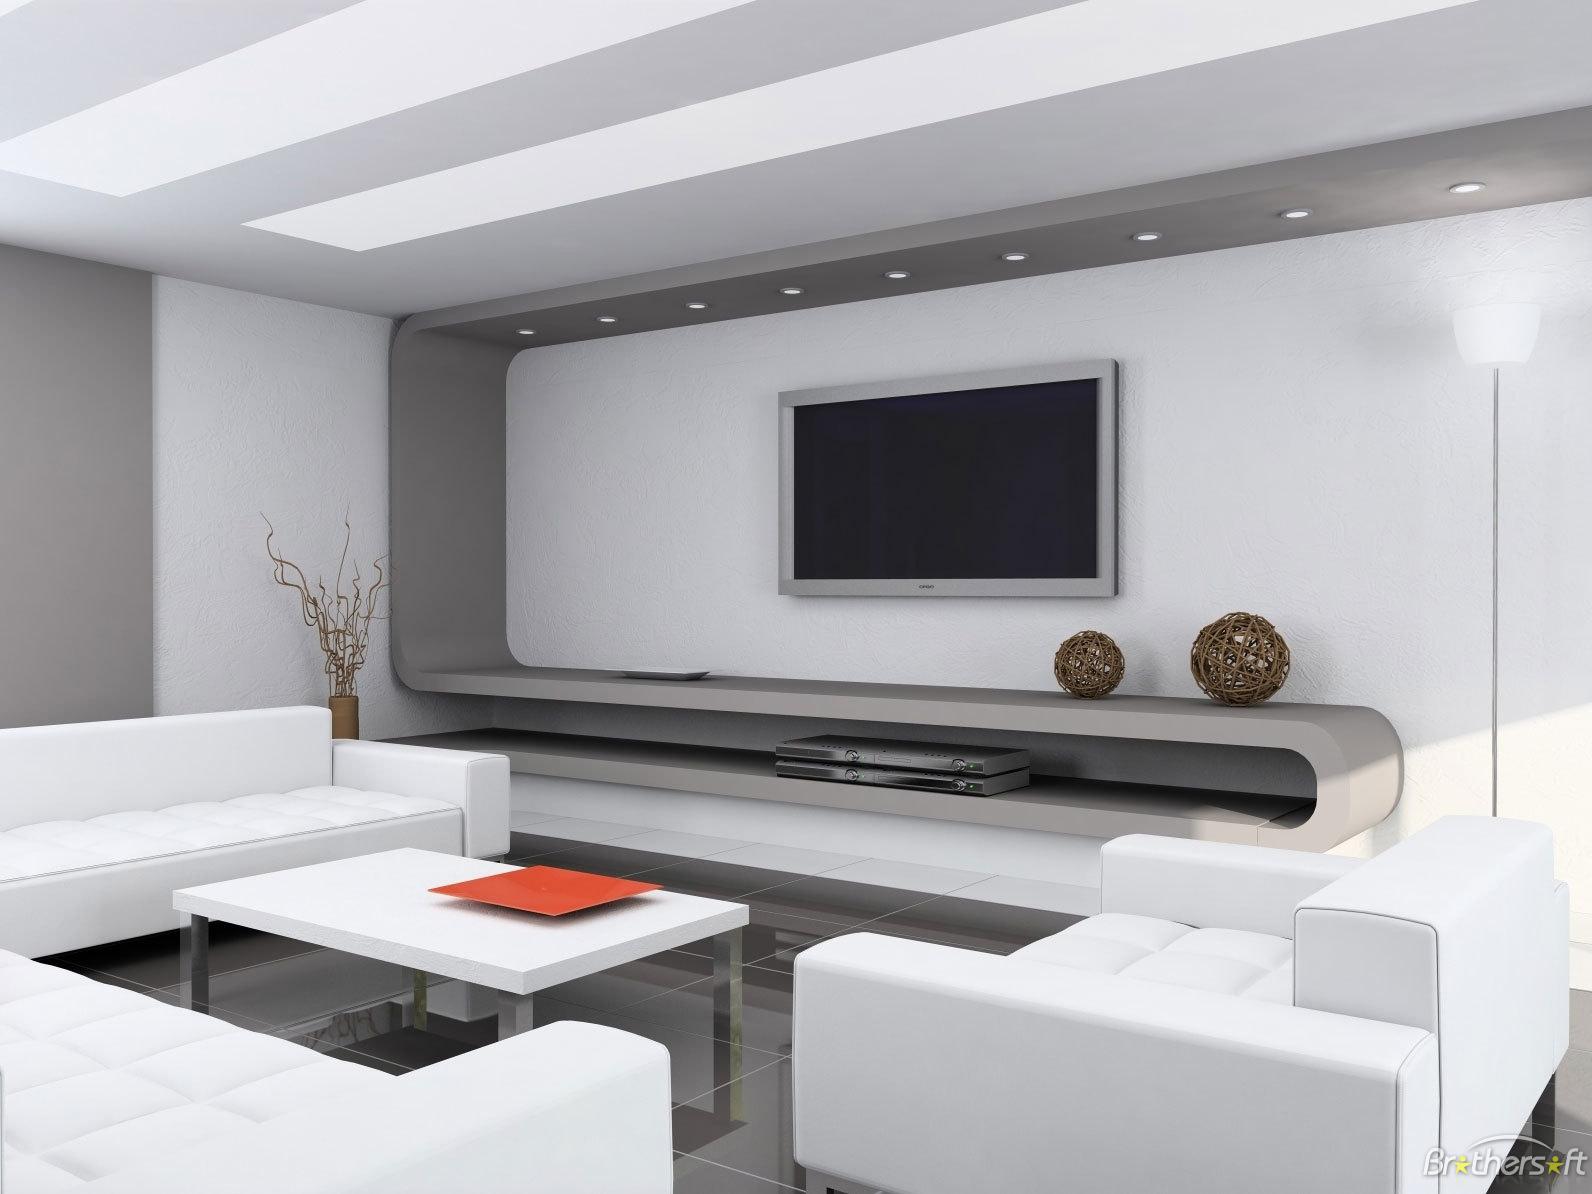 interior-designing-tips-design-basic-6-on-interior-design-ideas